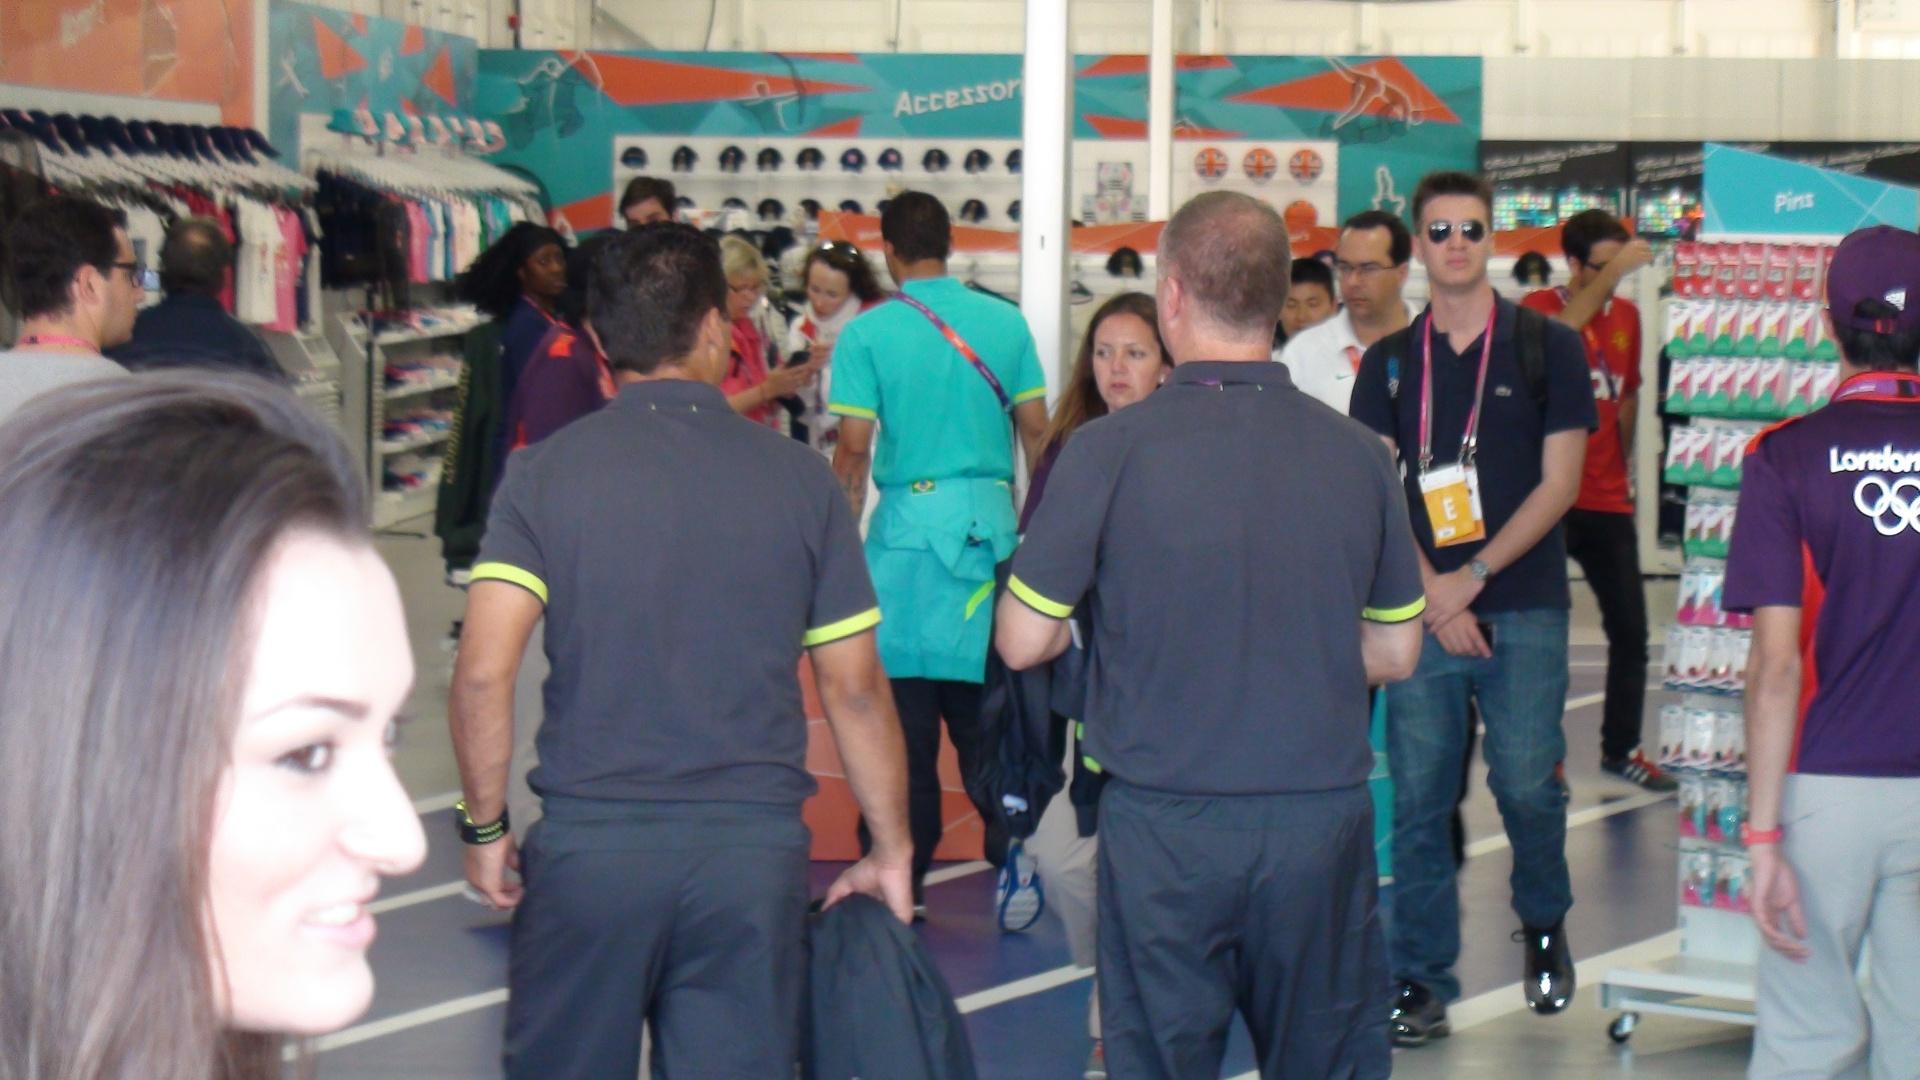 Mano Menezes (d.) e seu auxiliar Sydnei Lobo entram na loja de souvenir para fazer compras